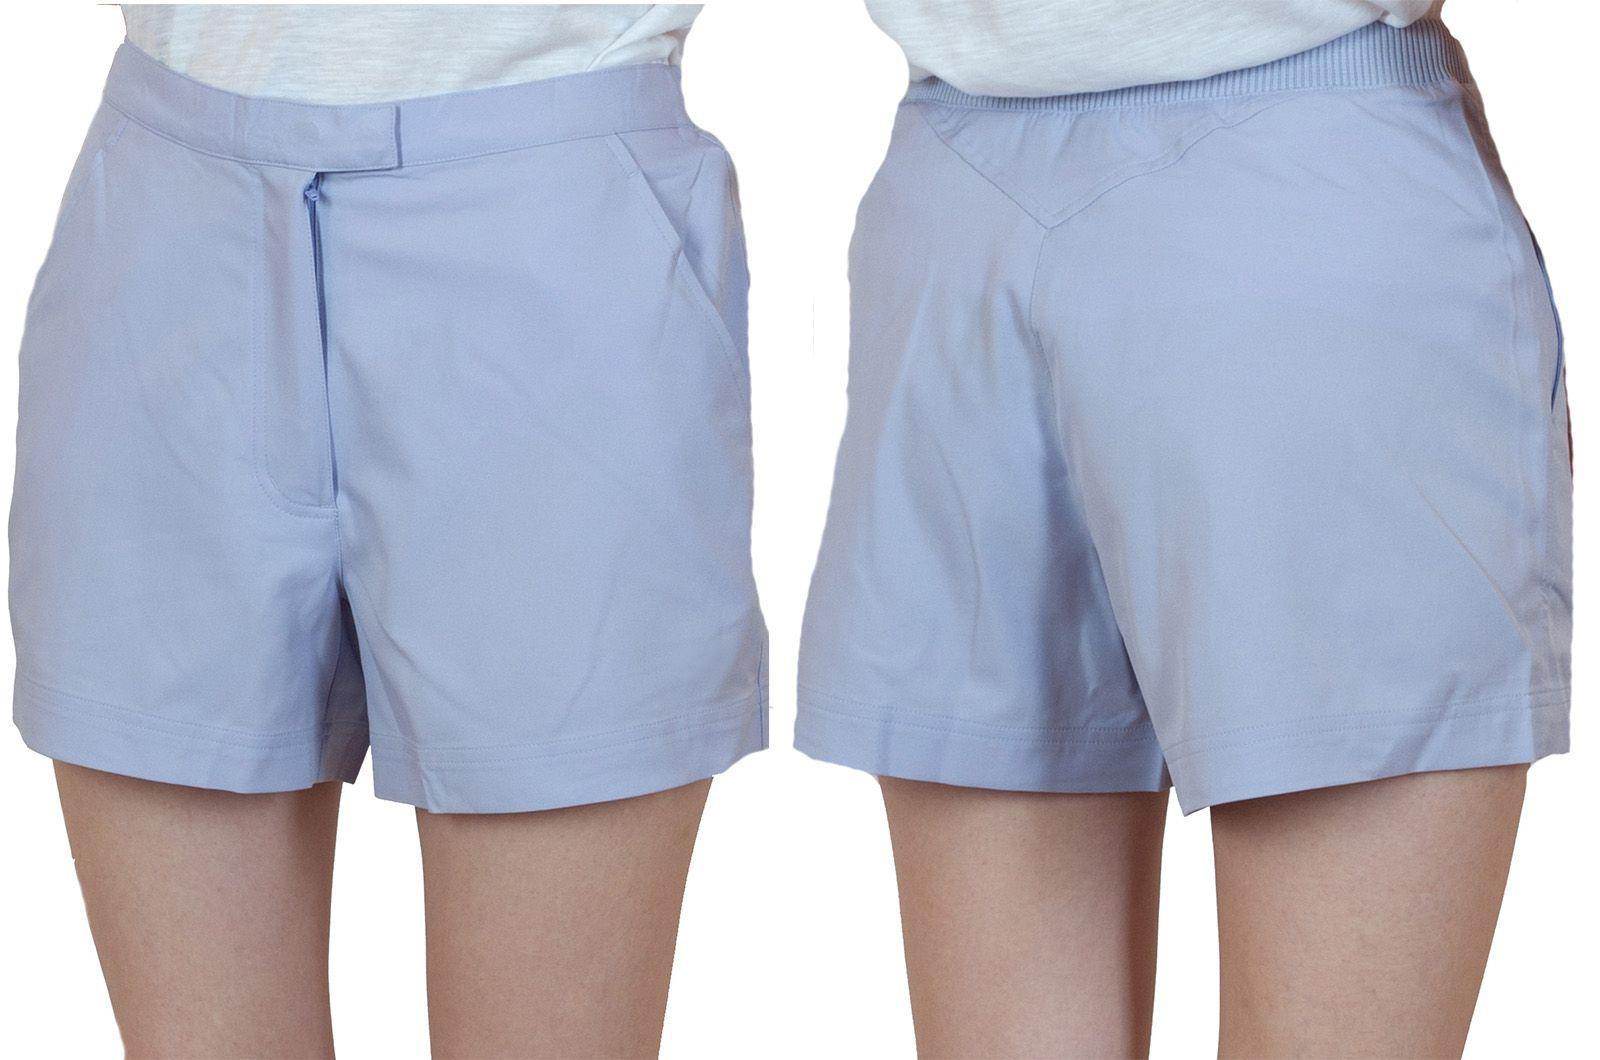 Заказать женские шортики светло-голубого цвета